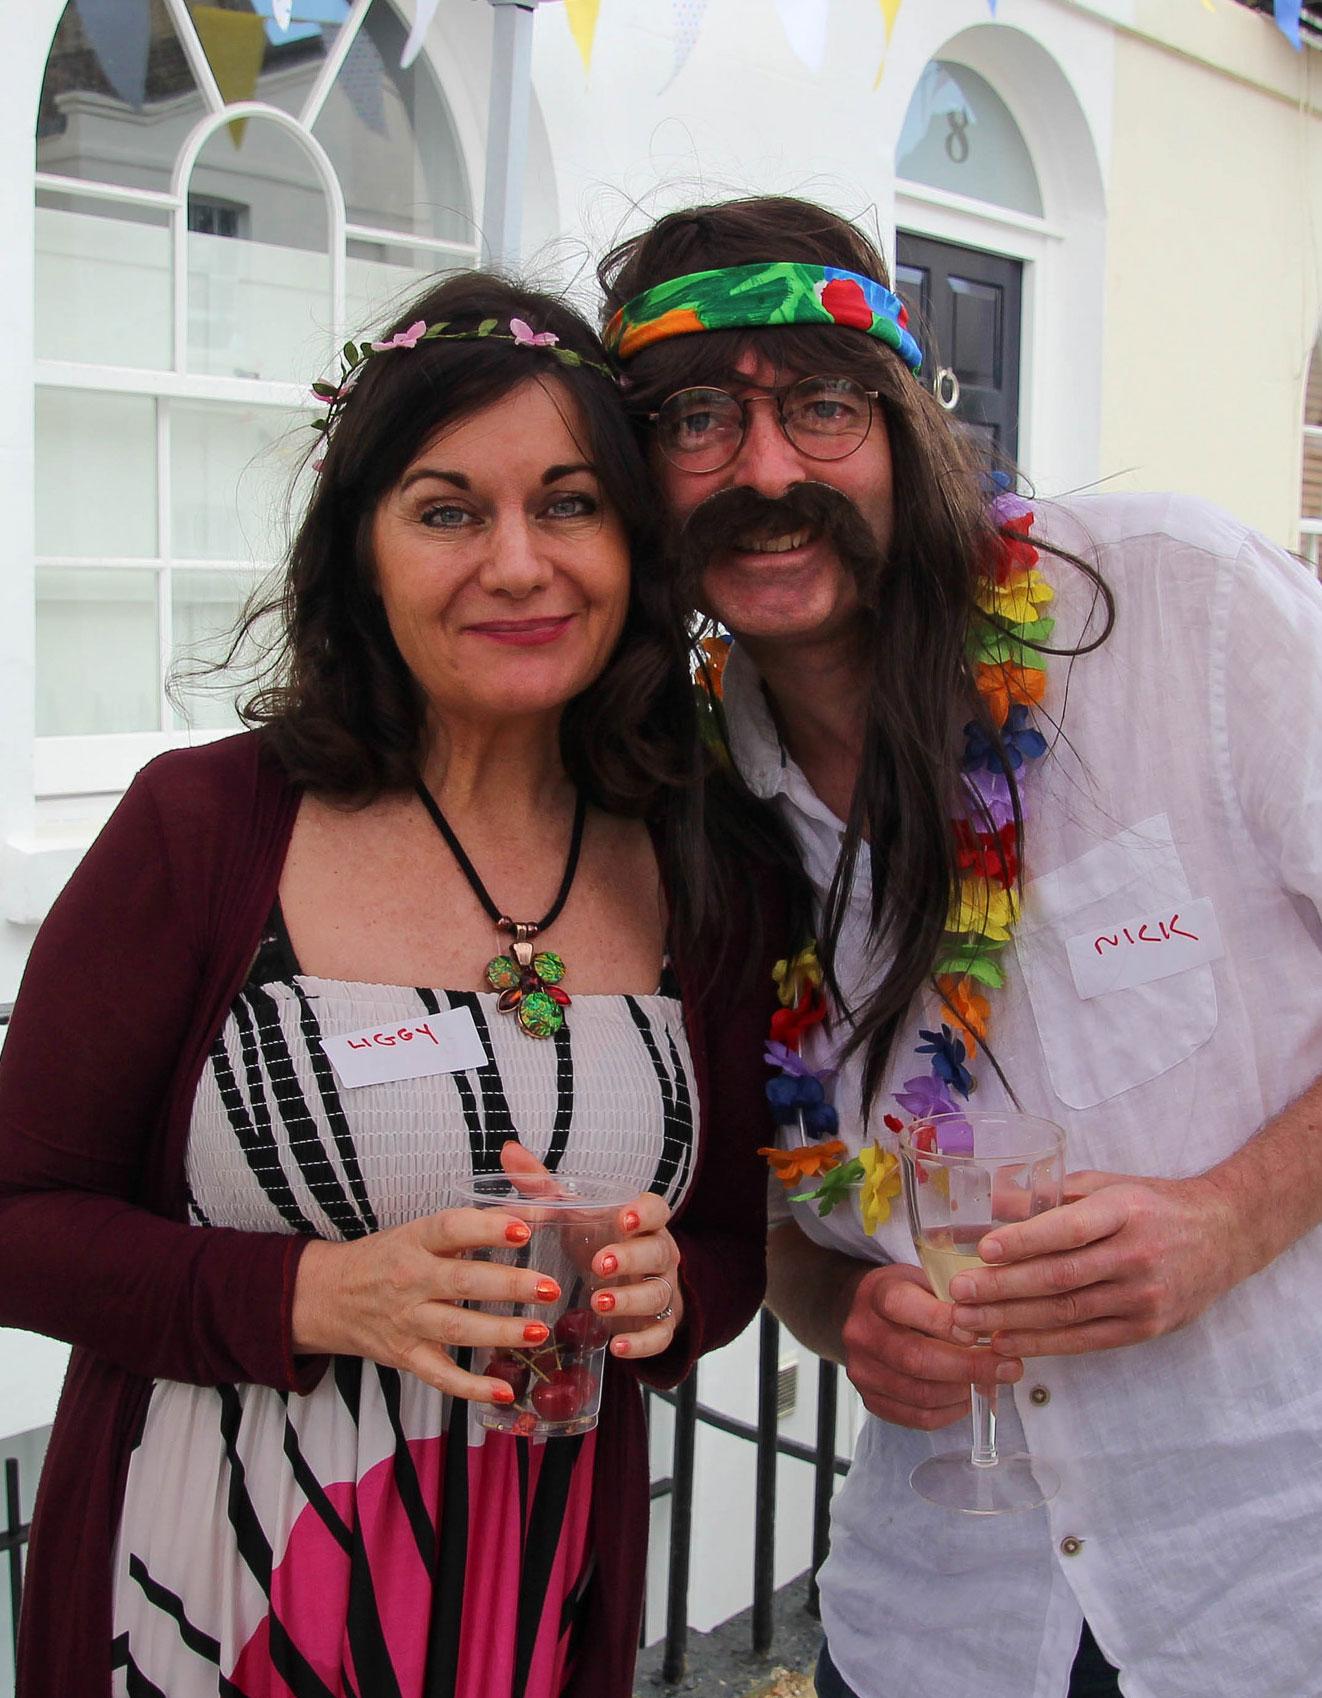 hippy-couple.jpg